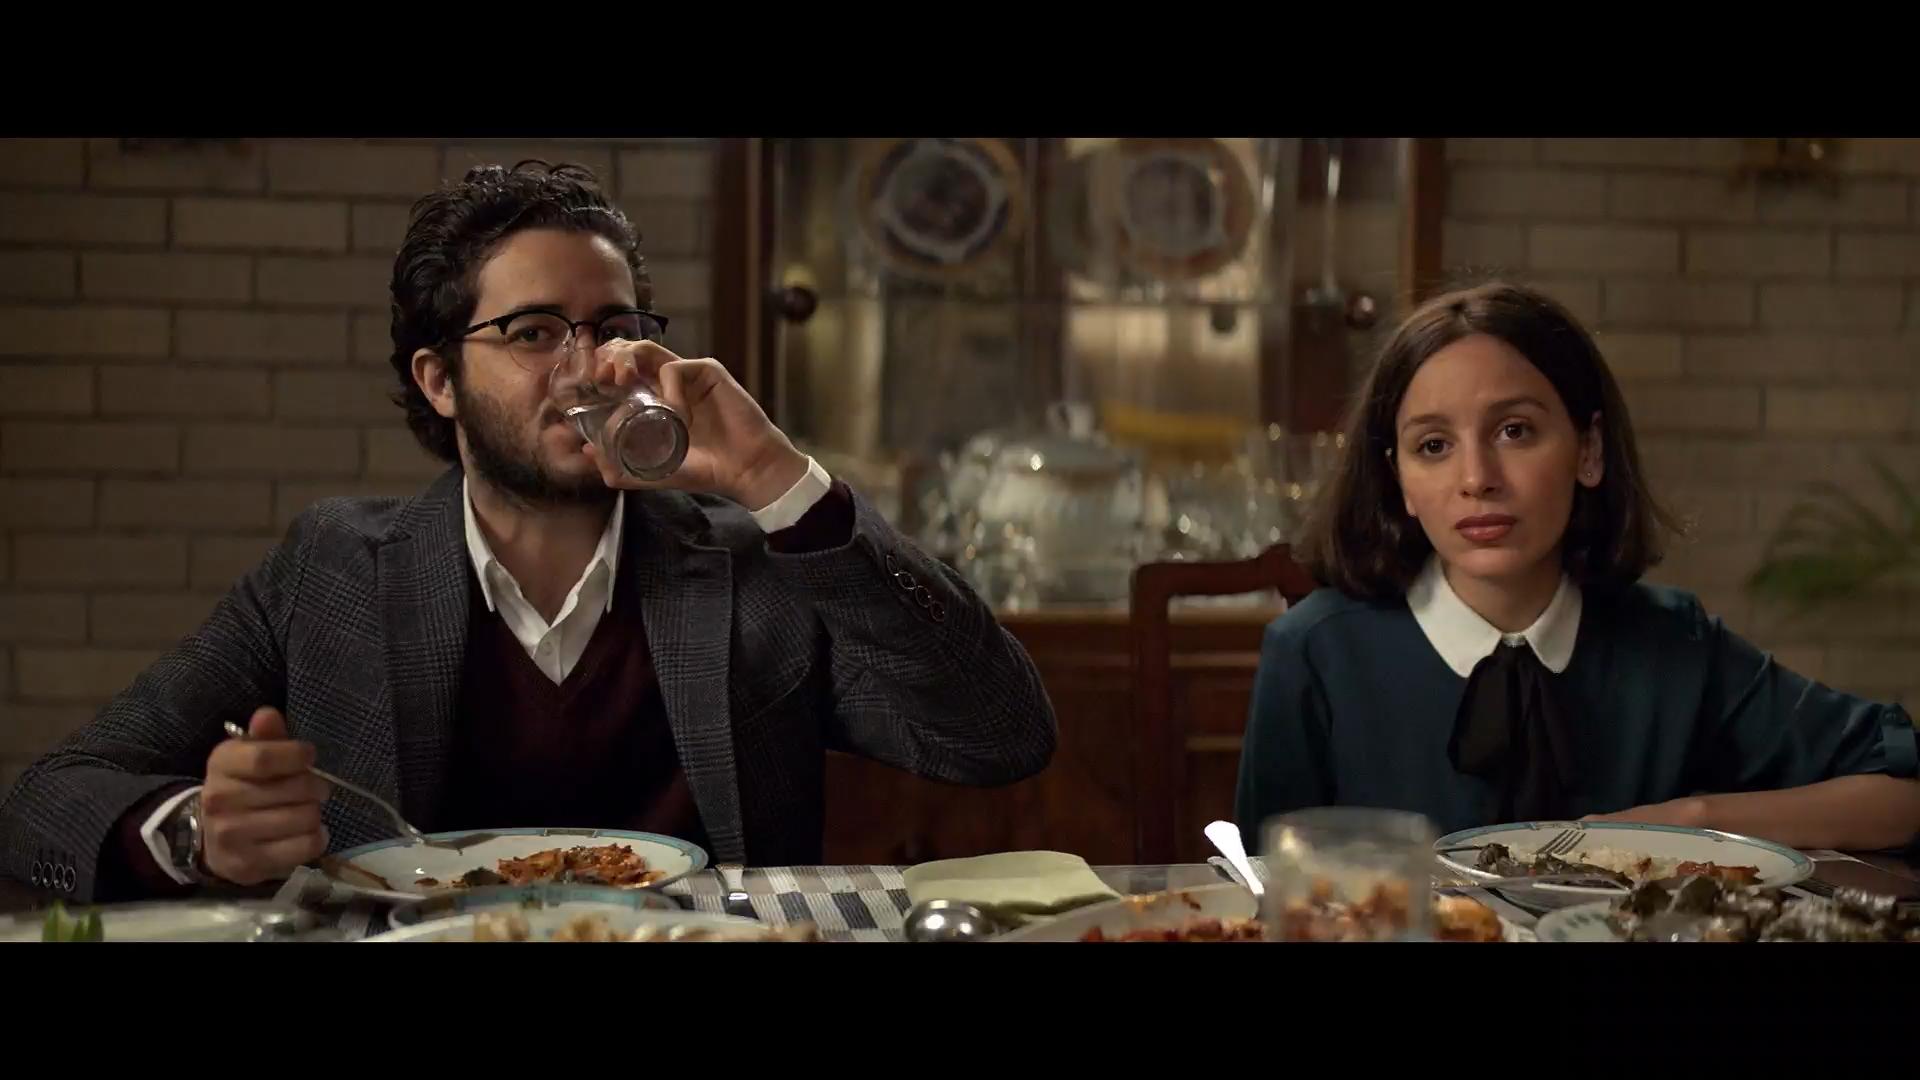 [فيلم][تورنت][تحميل][الضيف][2019][1080p][Web-DL] 3 arabp2p.com